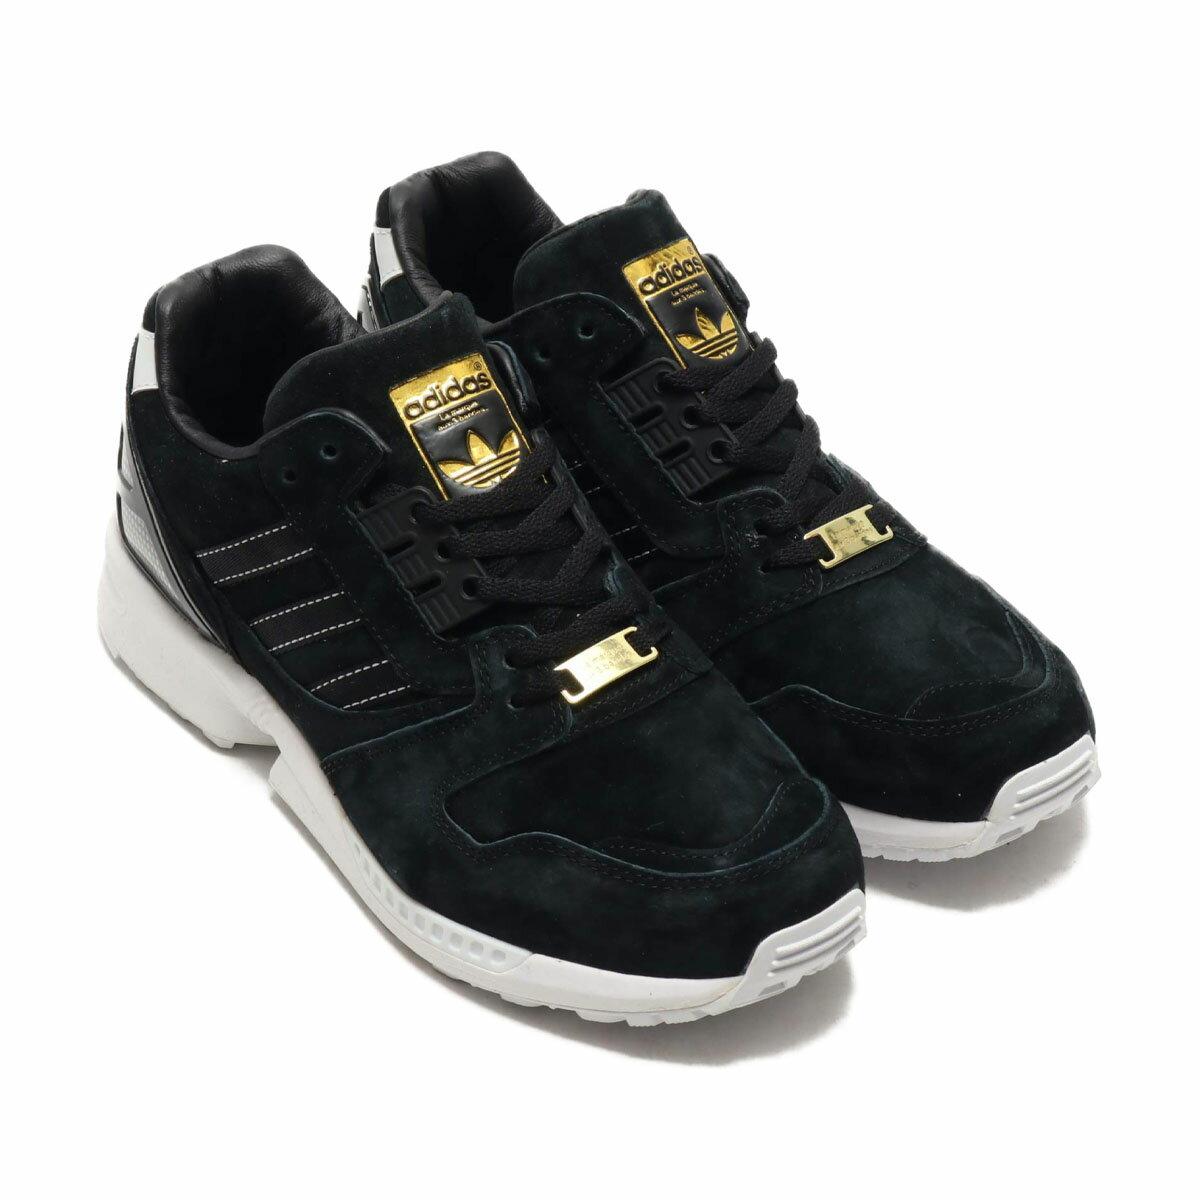 メンズ靴, スニーカー adidas ZX 8000( ZX 8000)CORE BLACKCORE BLACKFOOTWEAR WHITE 20SS-I